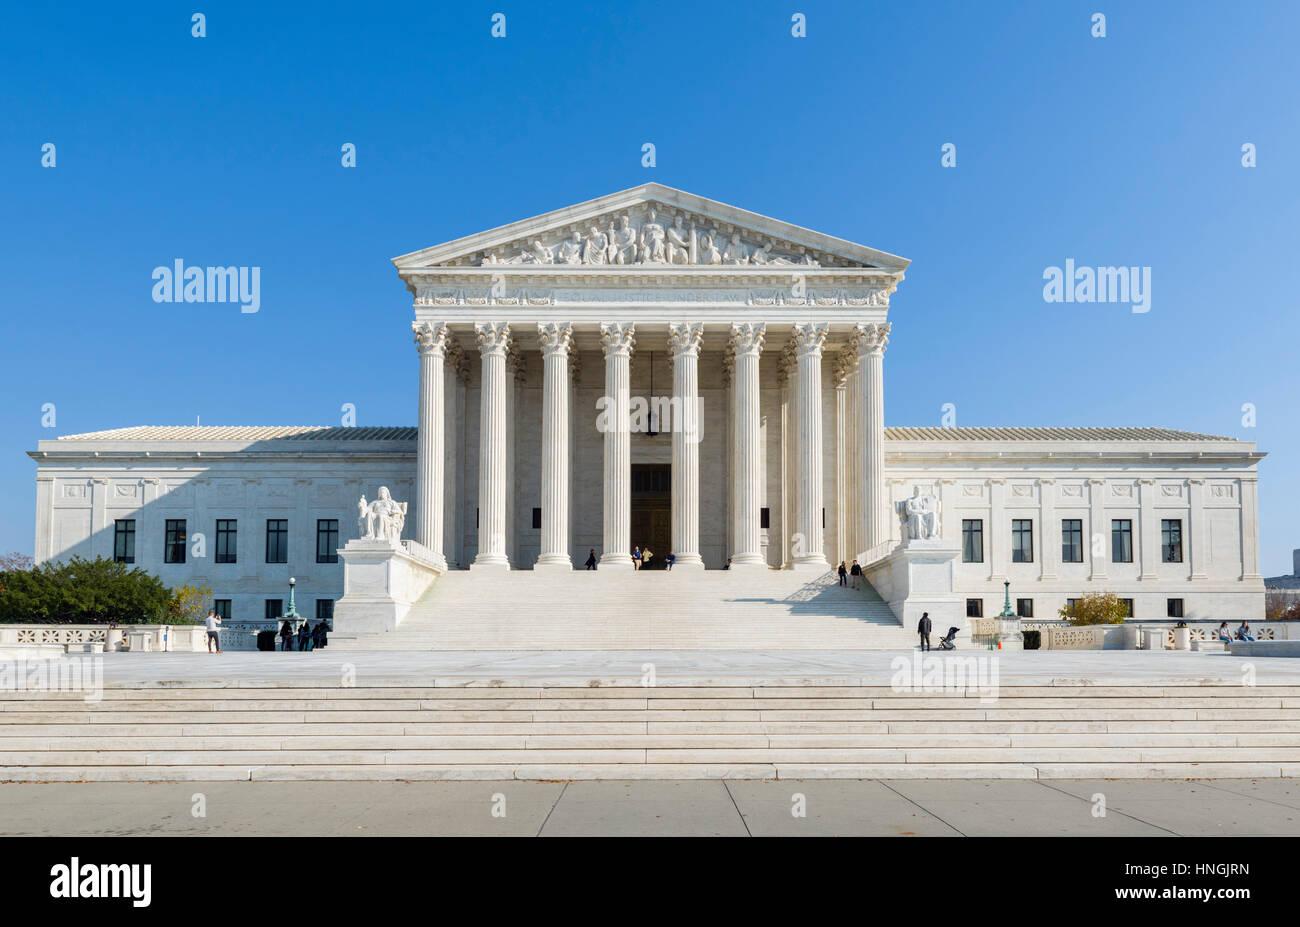 La Cour suprême des États-Unis, 1e rue nord-est, Washington DC, USA Photo Stock